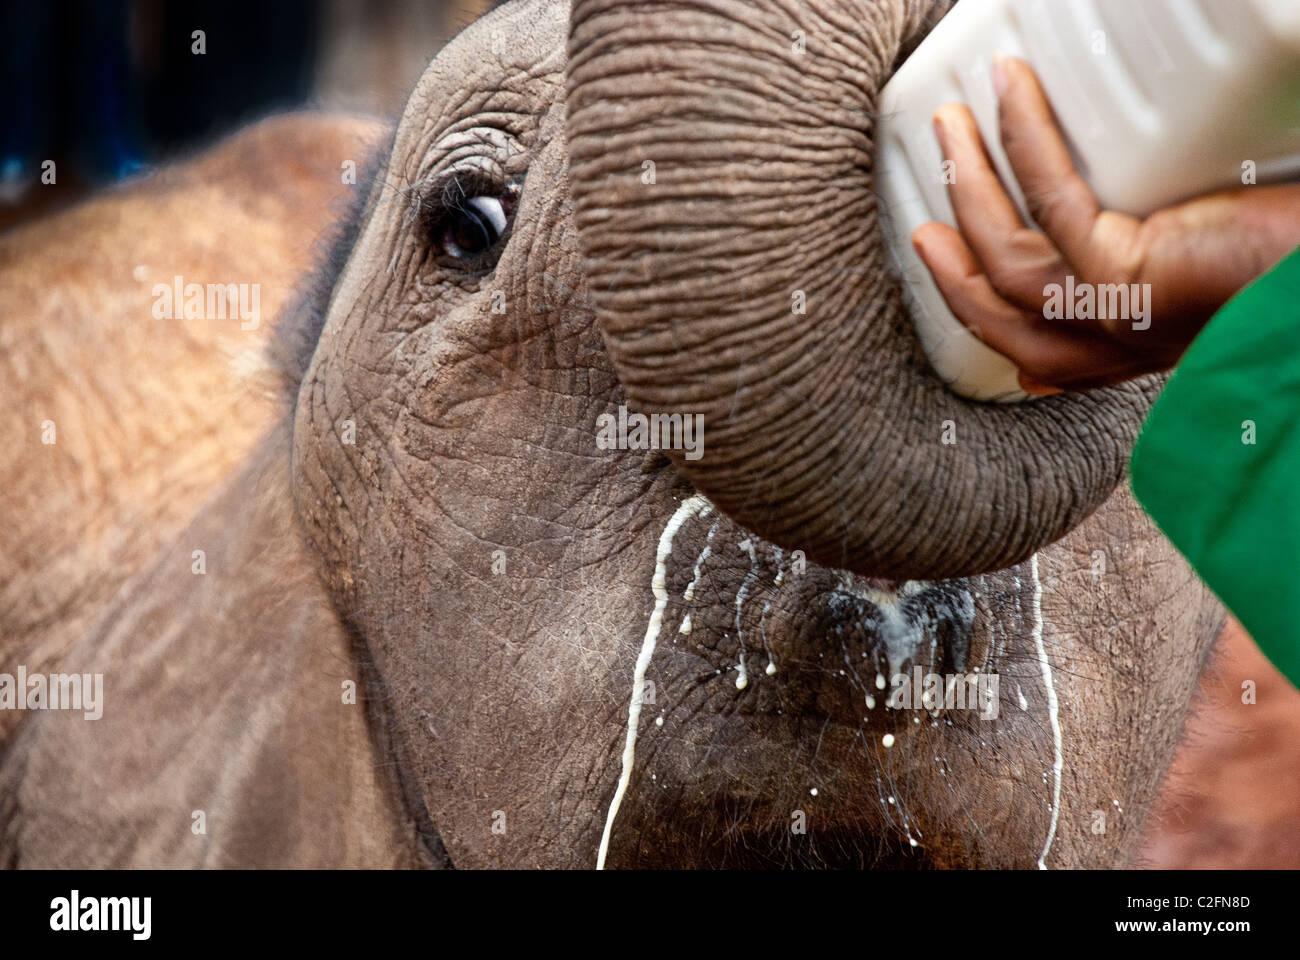 Elefante africano di vitello, Loxodonta africana, bere latte da una bottiglia, Sheldrick l'Orfanotrofio degli Immagini Stock